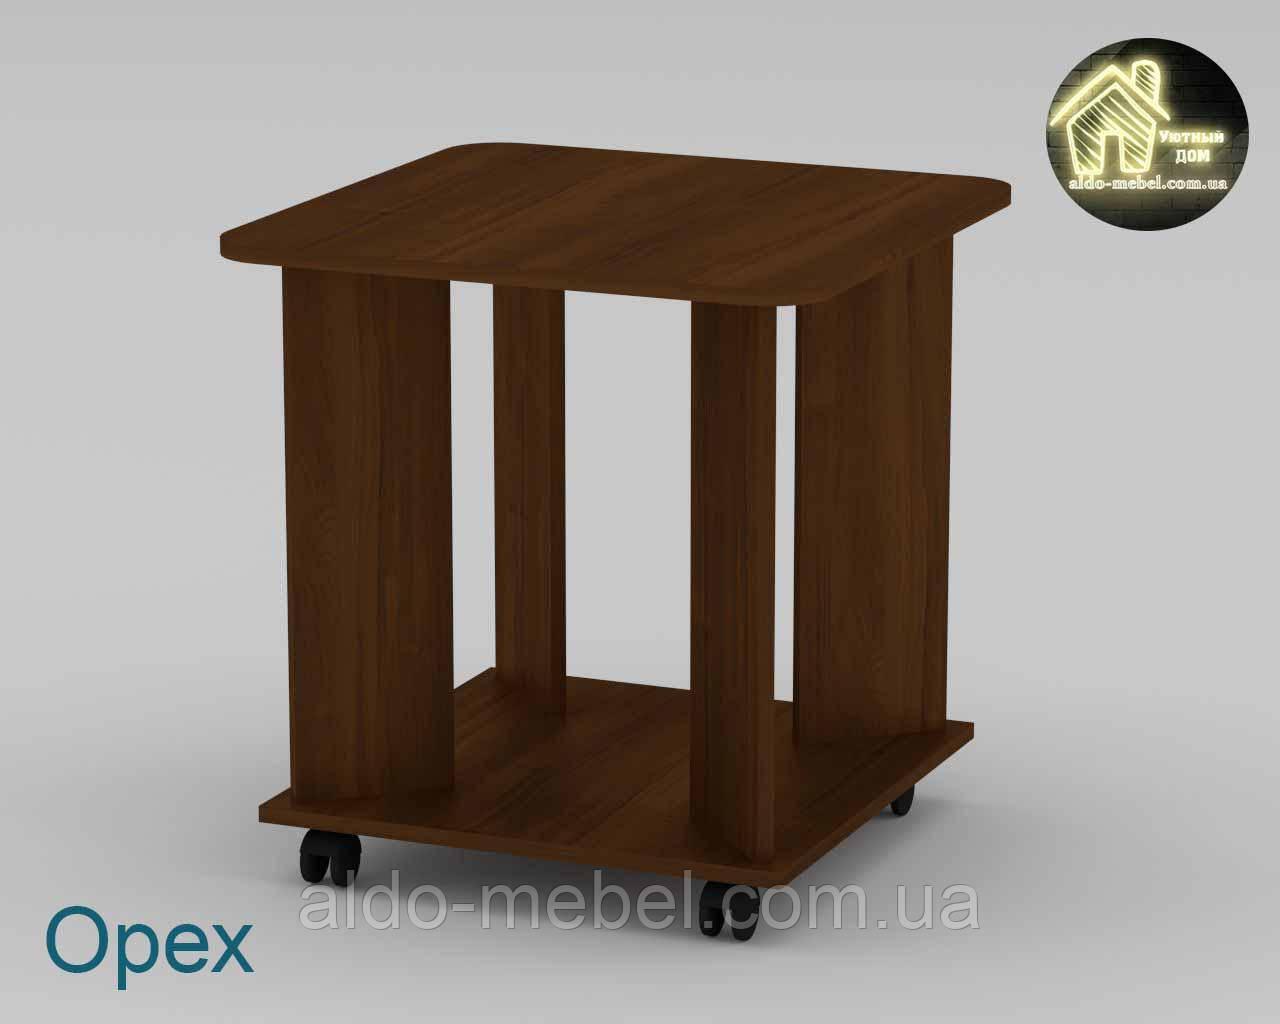 Стол журнальный Соло Габариты Ш - 600 мм; В - 616 мм; Г - 600 мм (Компанит)